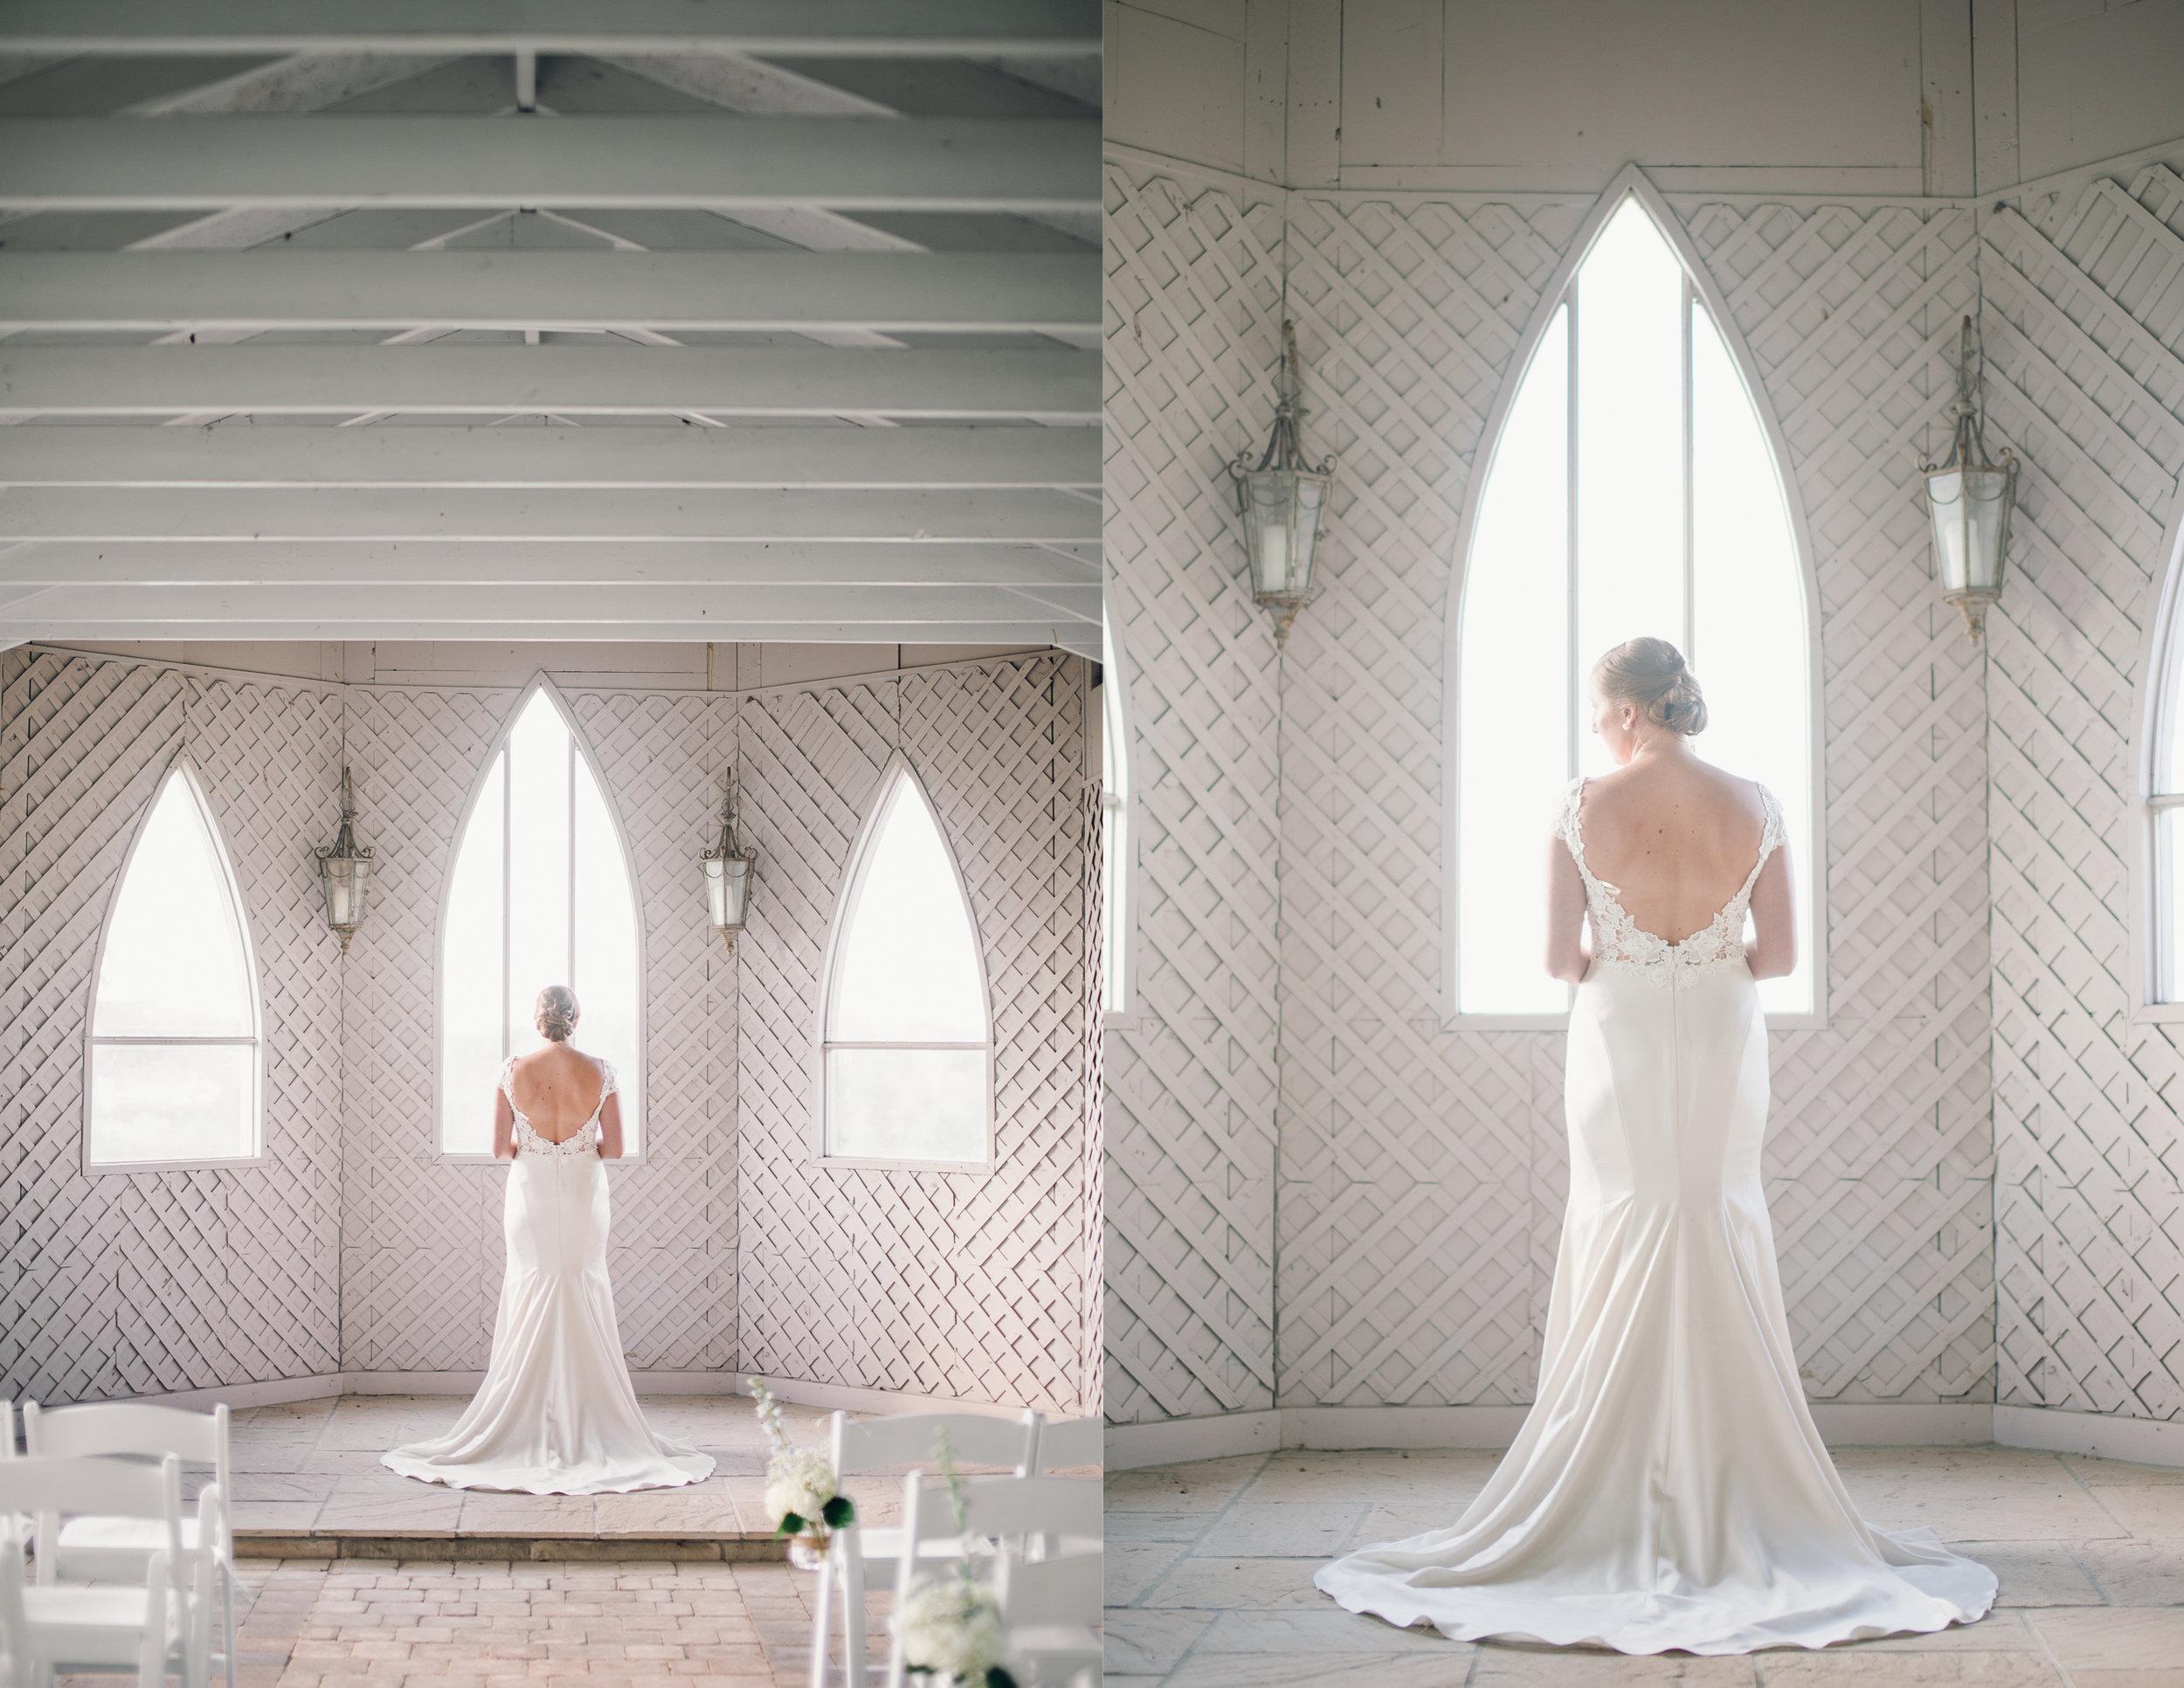 Waterstone_Estate_Equestrian Wedding2x2_15.jpg